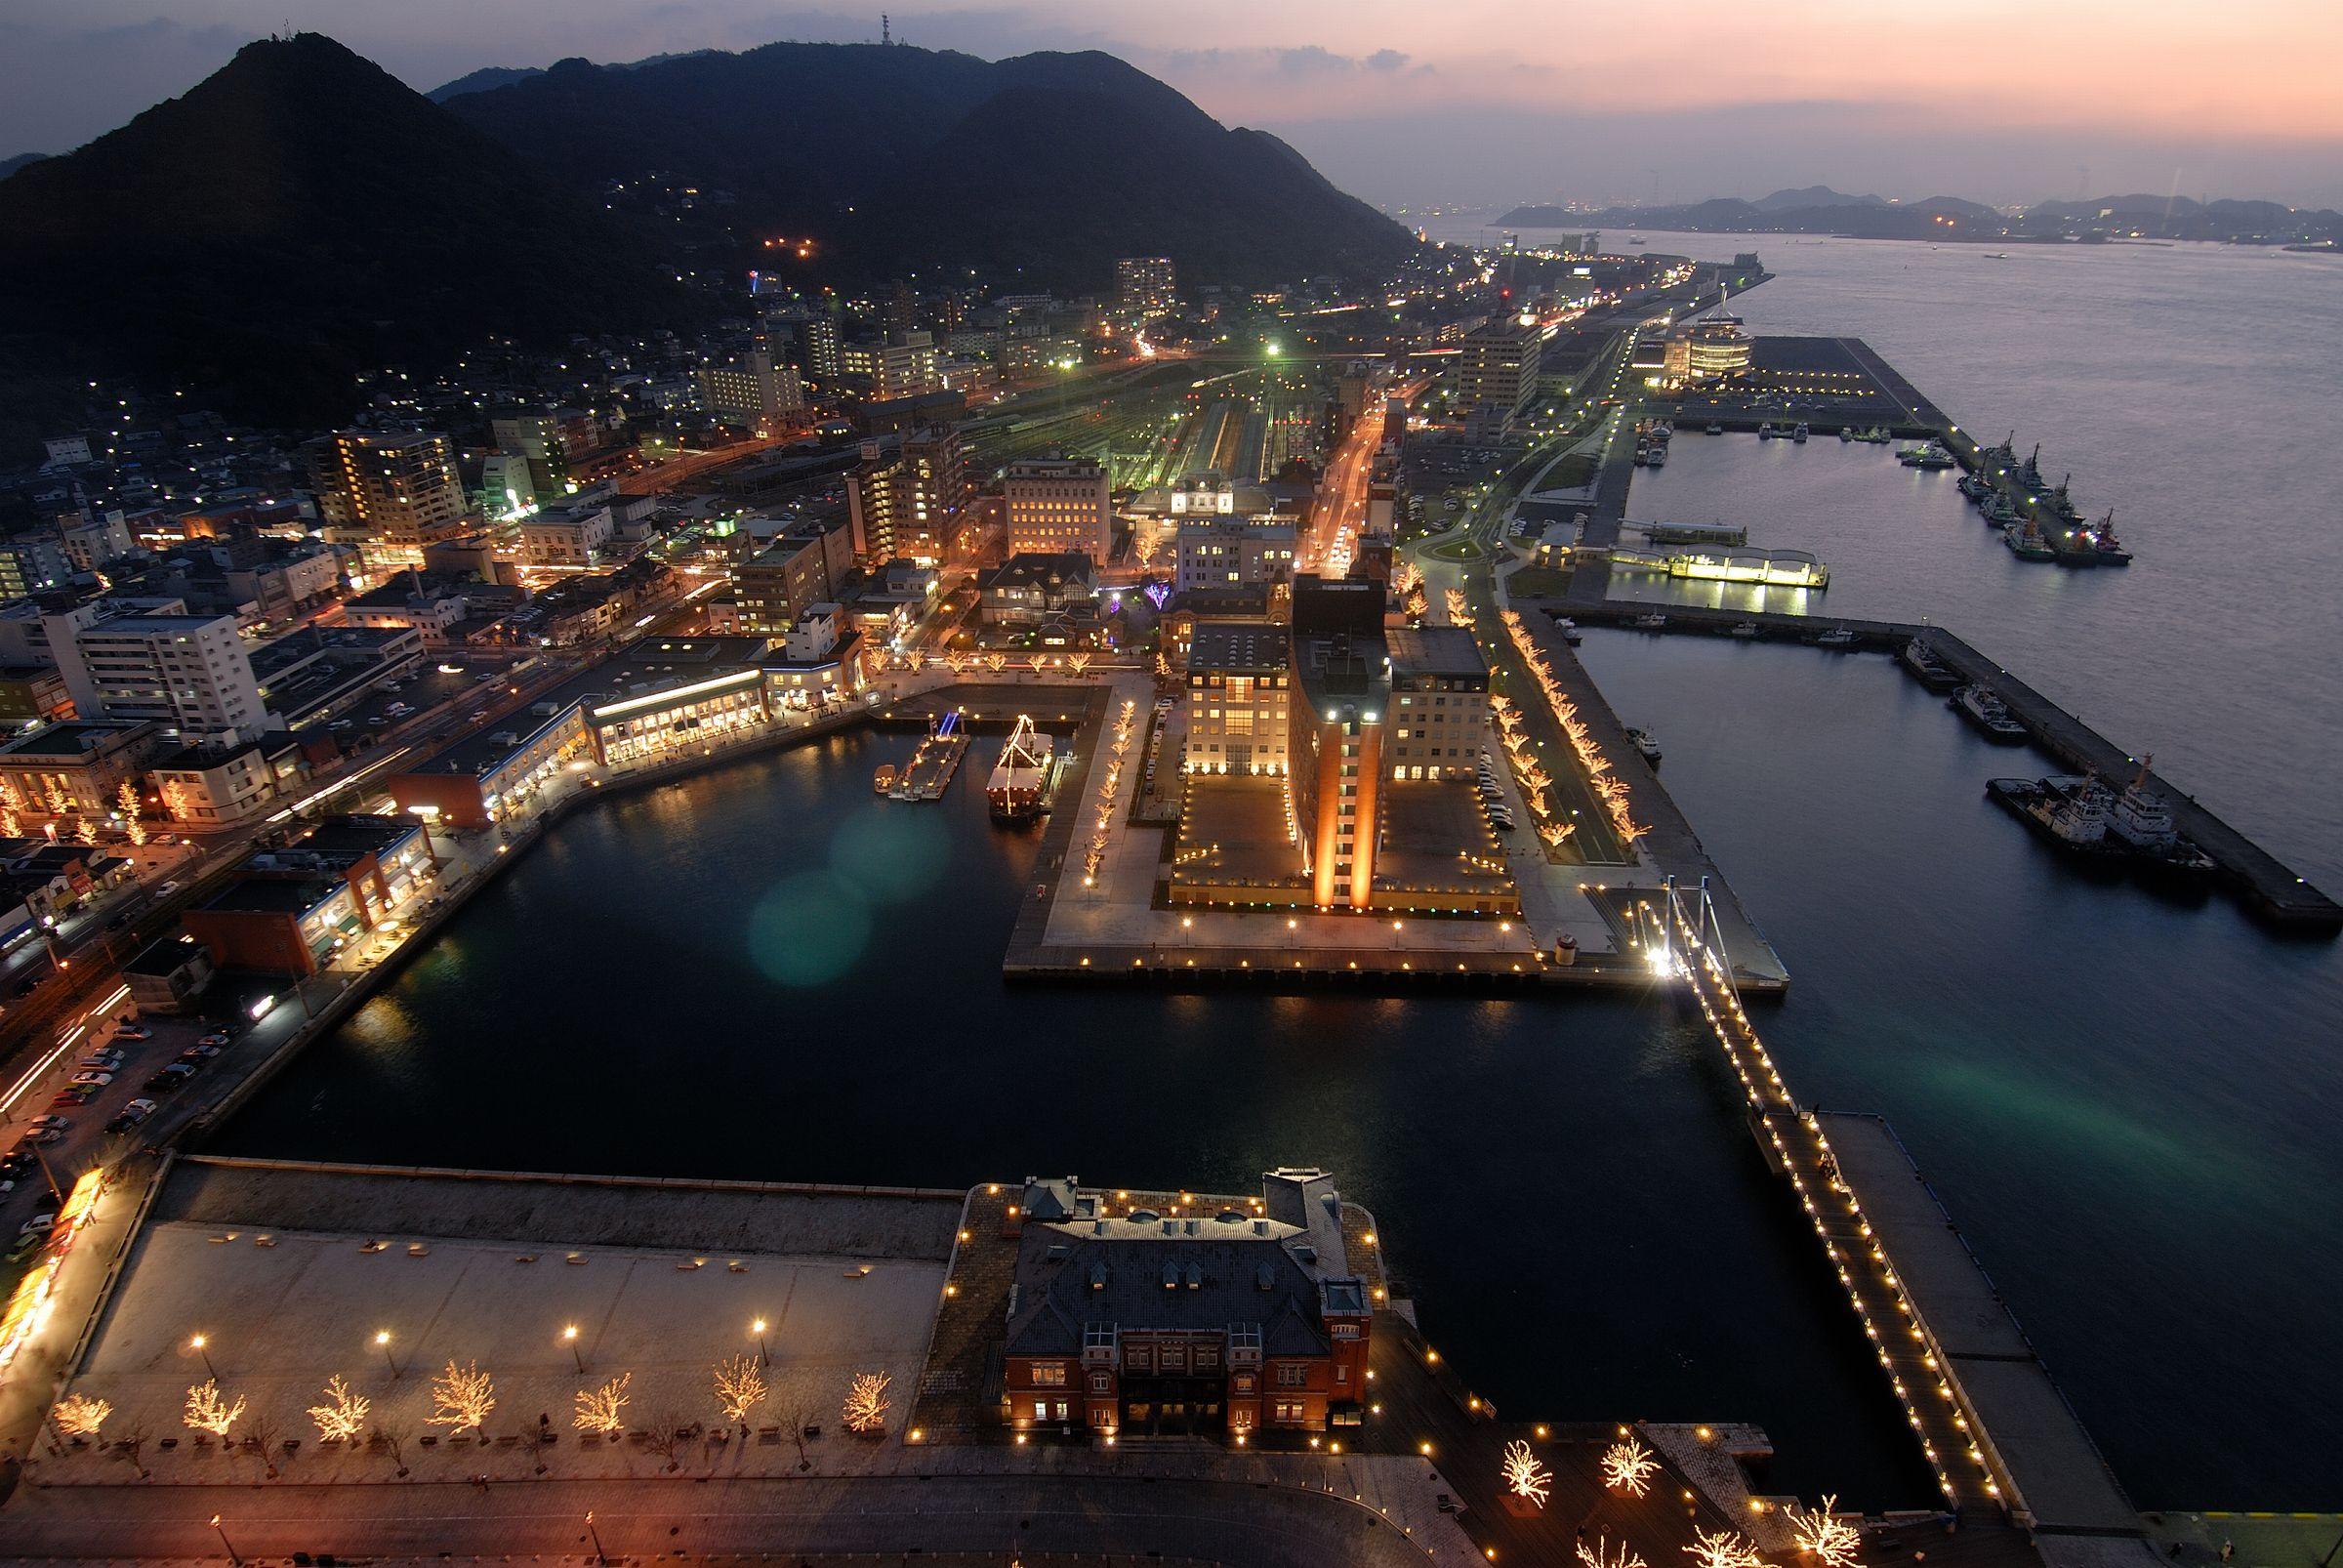 展望室から望める門司港レトロの夜景